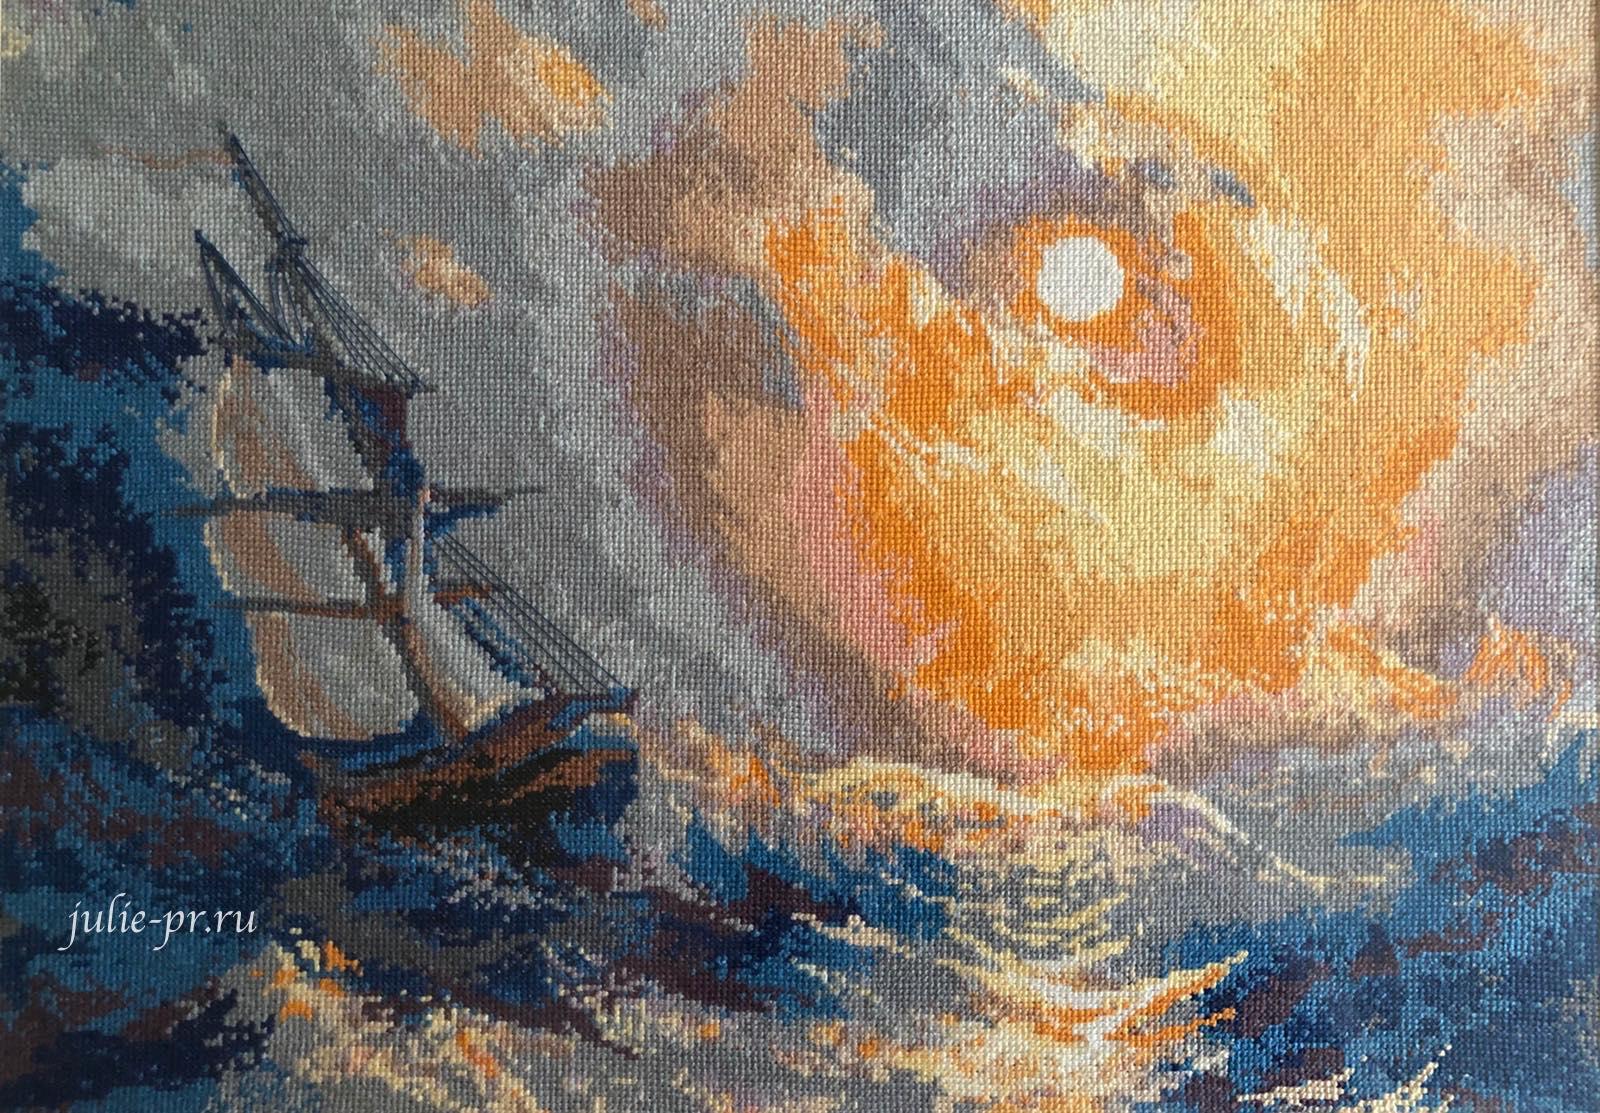 Риолис №350, Парусник, Корабль море, вышивка крестом, сотвори сама